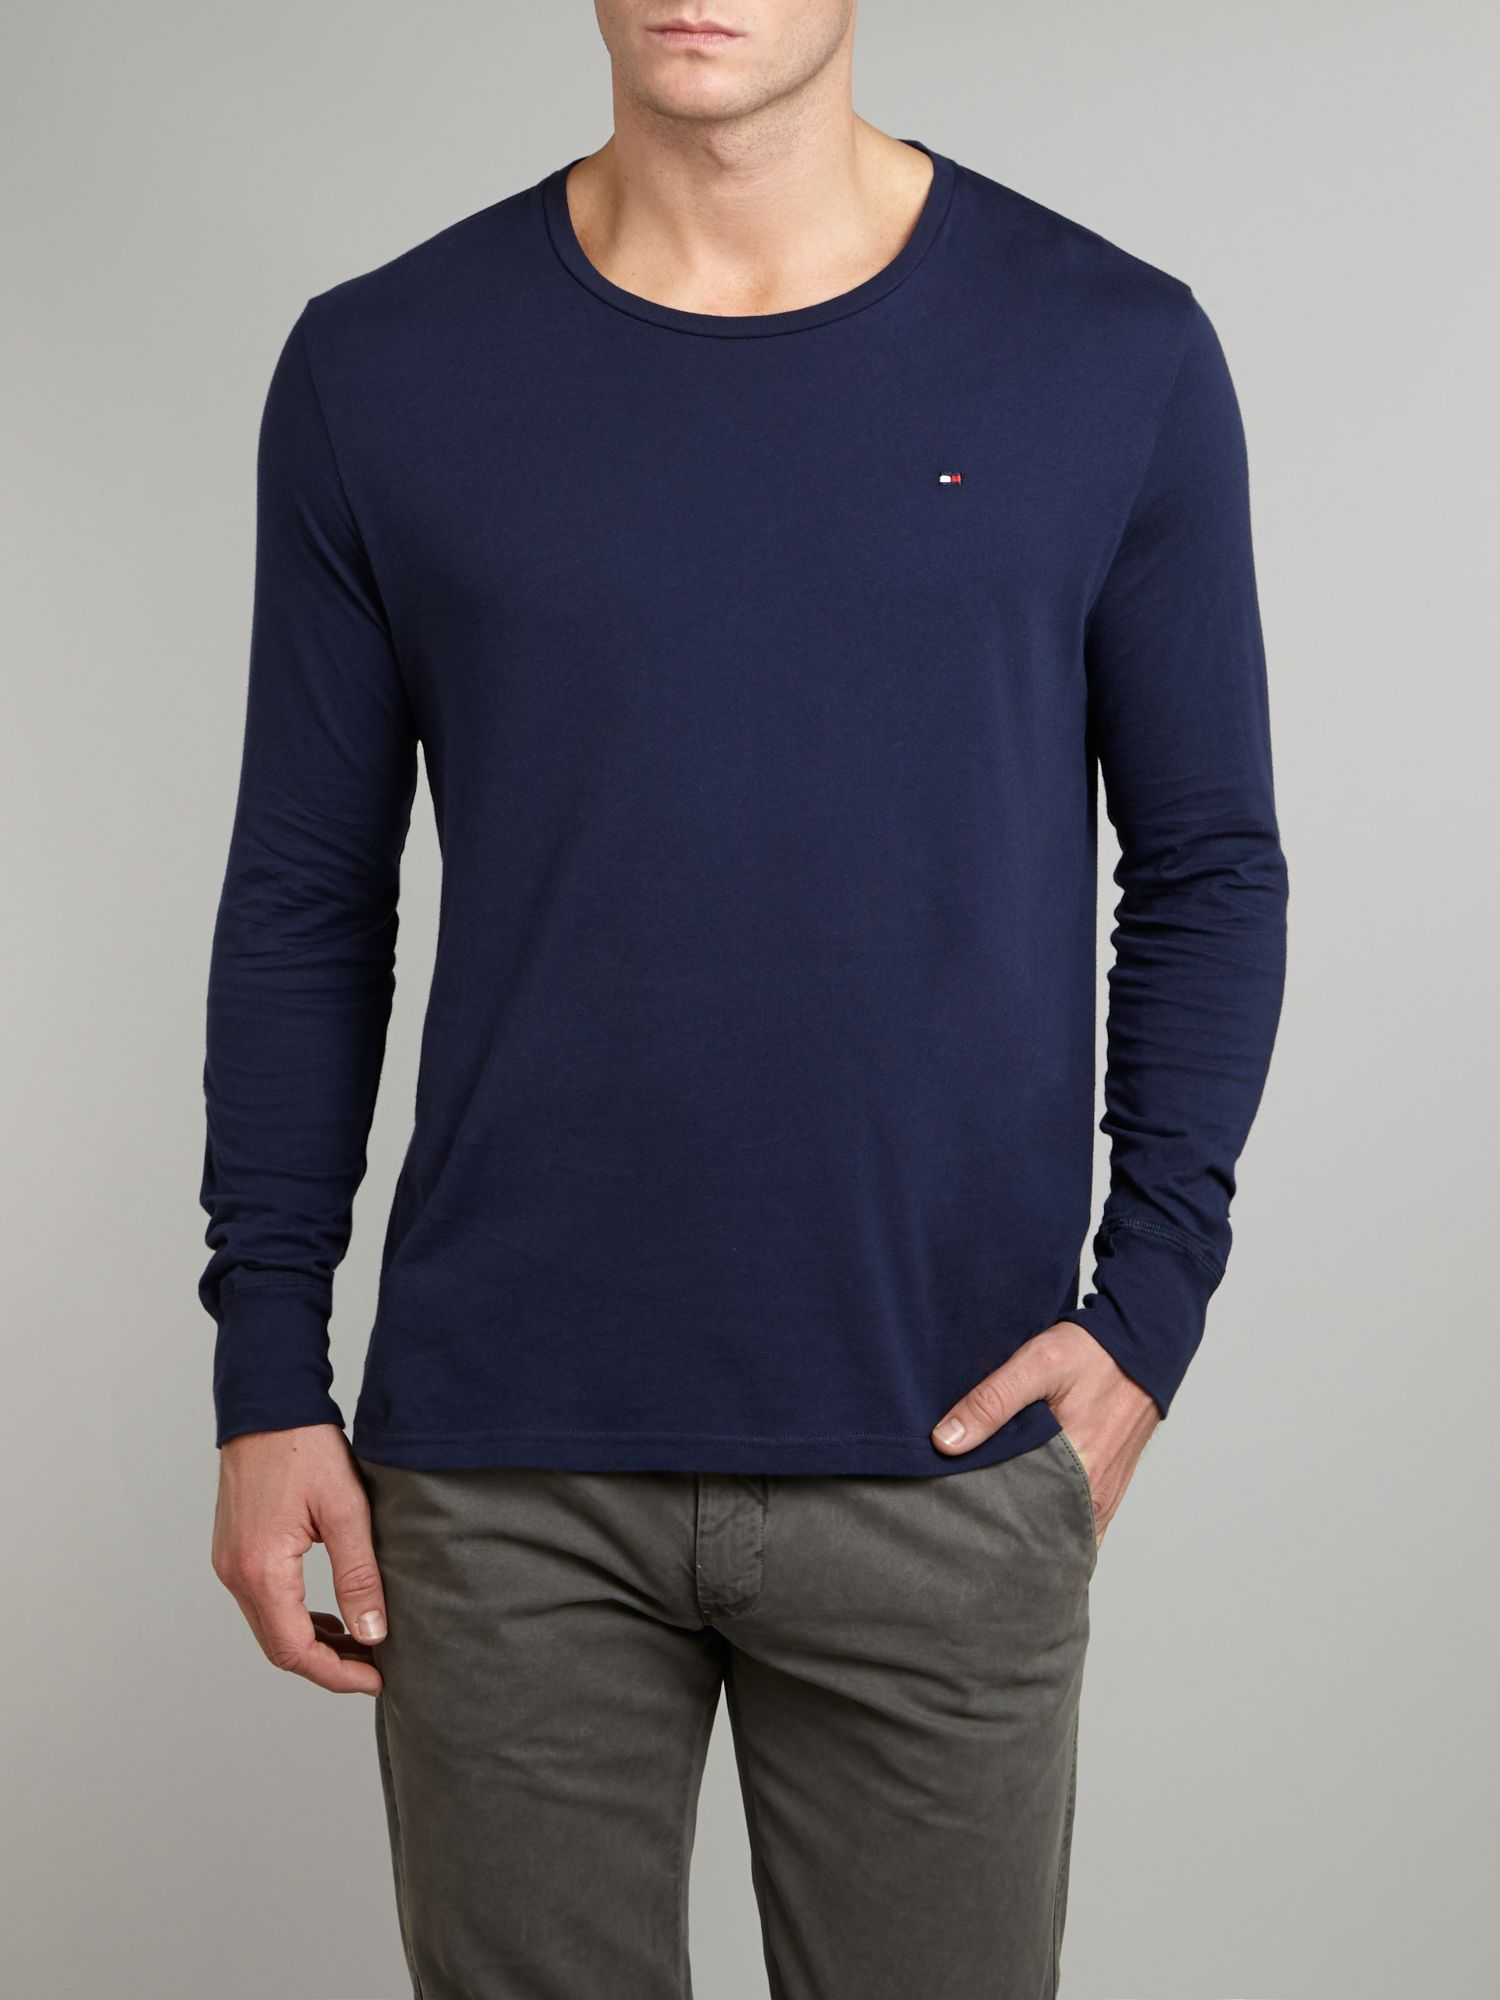 tommy hilfiger long sleeved t shirt in blue for men lyst. Black Bedroom Furniture Sets. Home Design Ideas